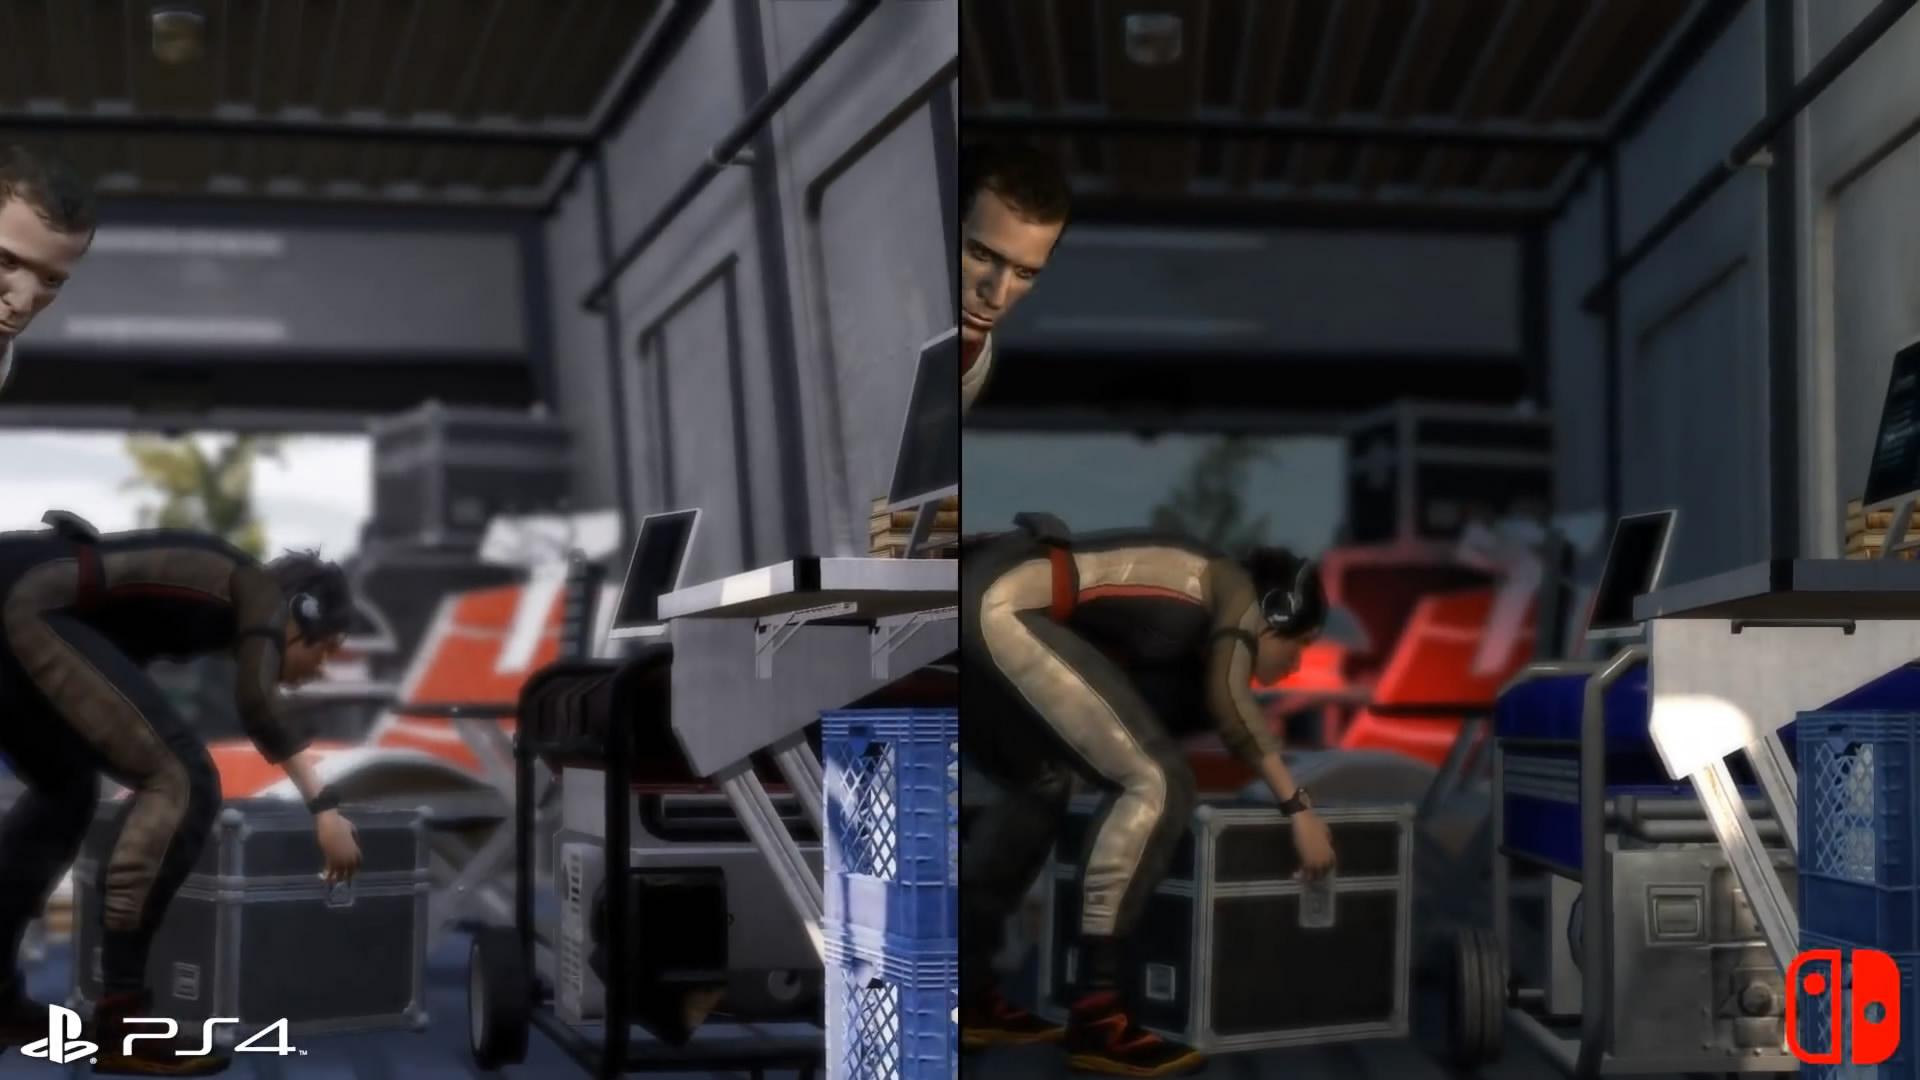 《刺客信条3:重制版》NS版与其他版本对比 差距很大